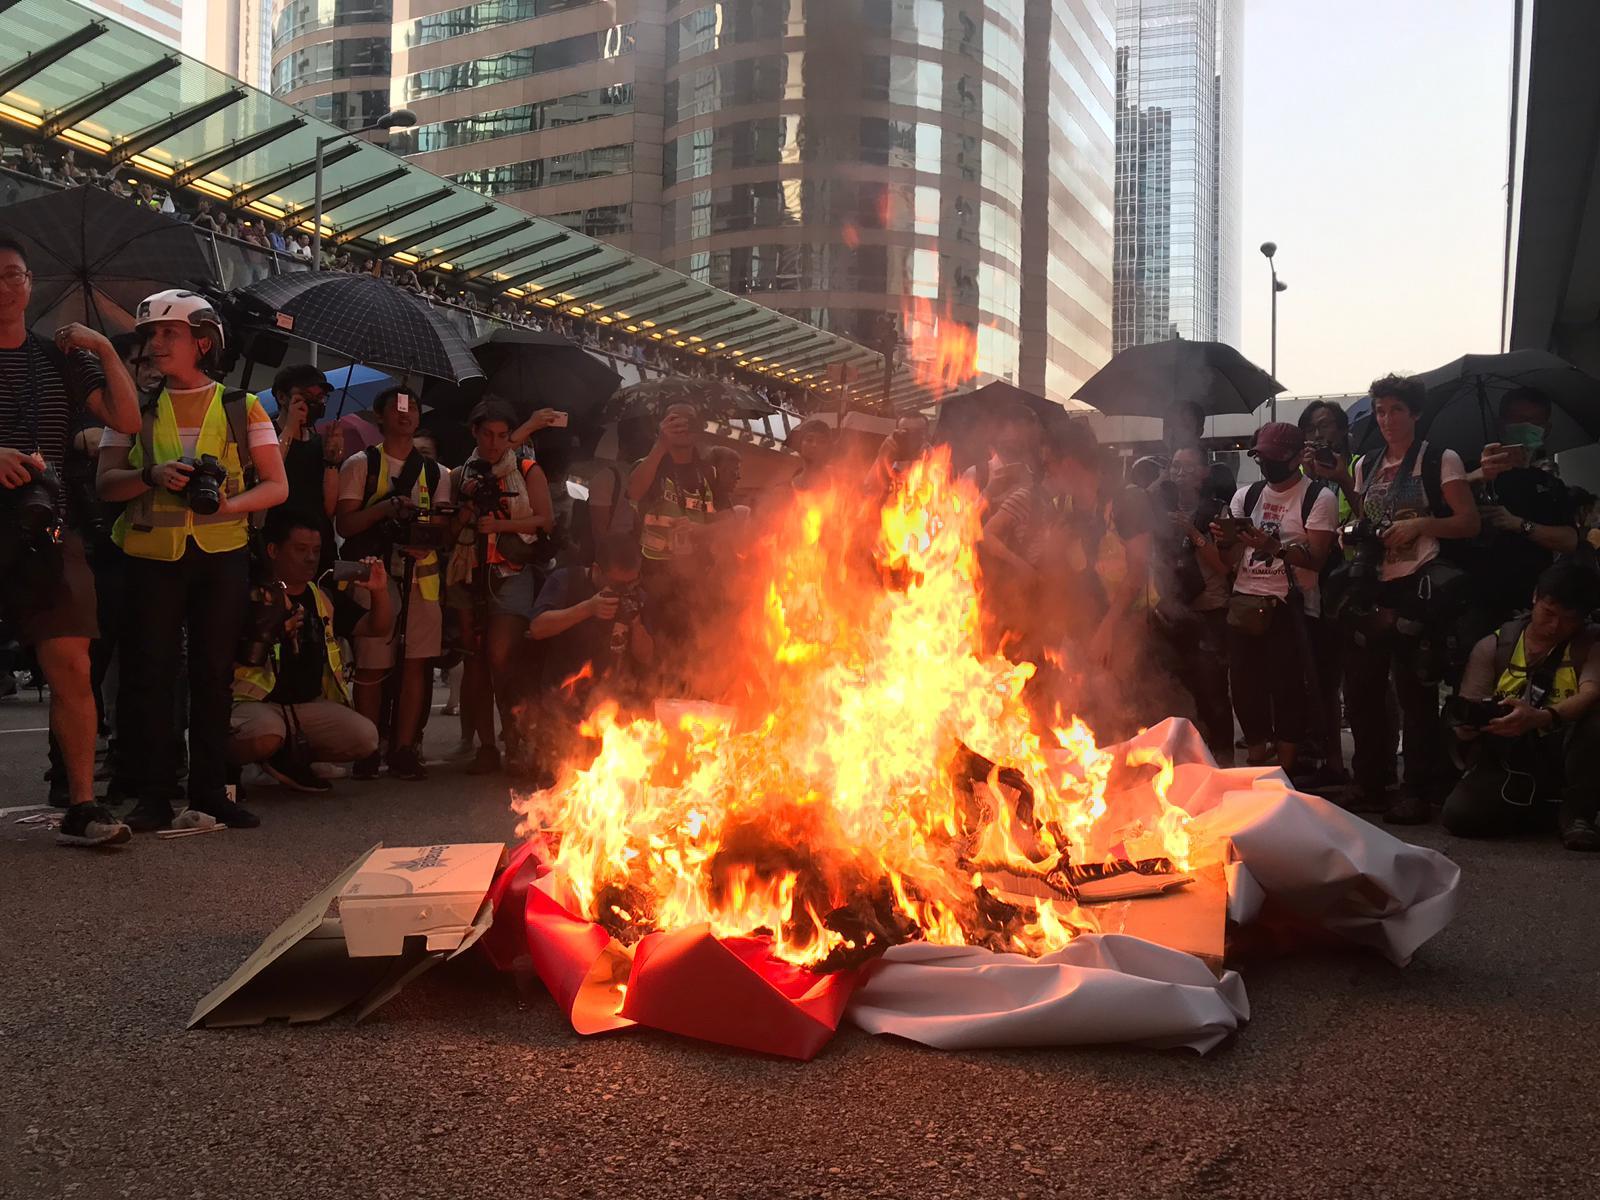 【修例风波】美国众议院下周审议香港议案 团体周一发起遮打集会支持